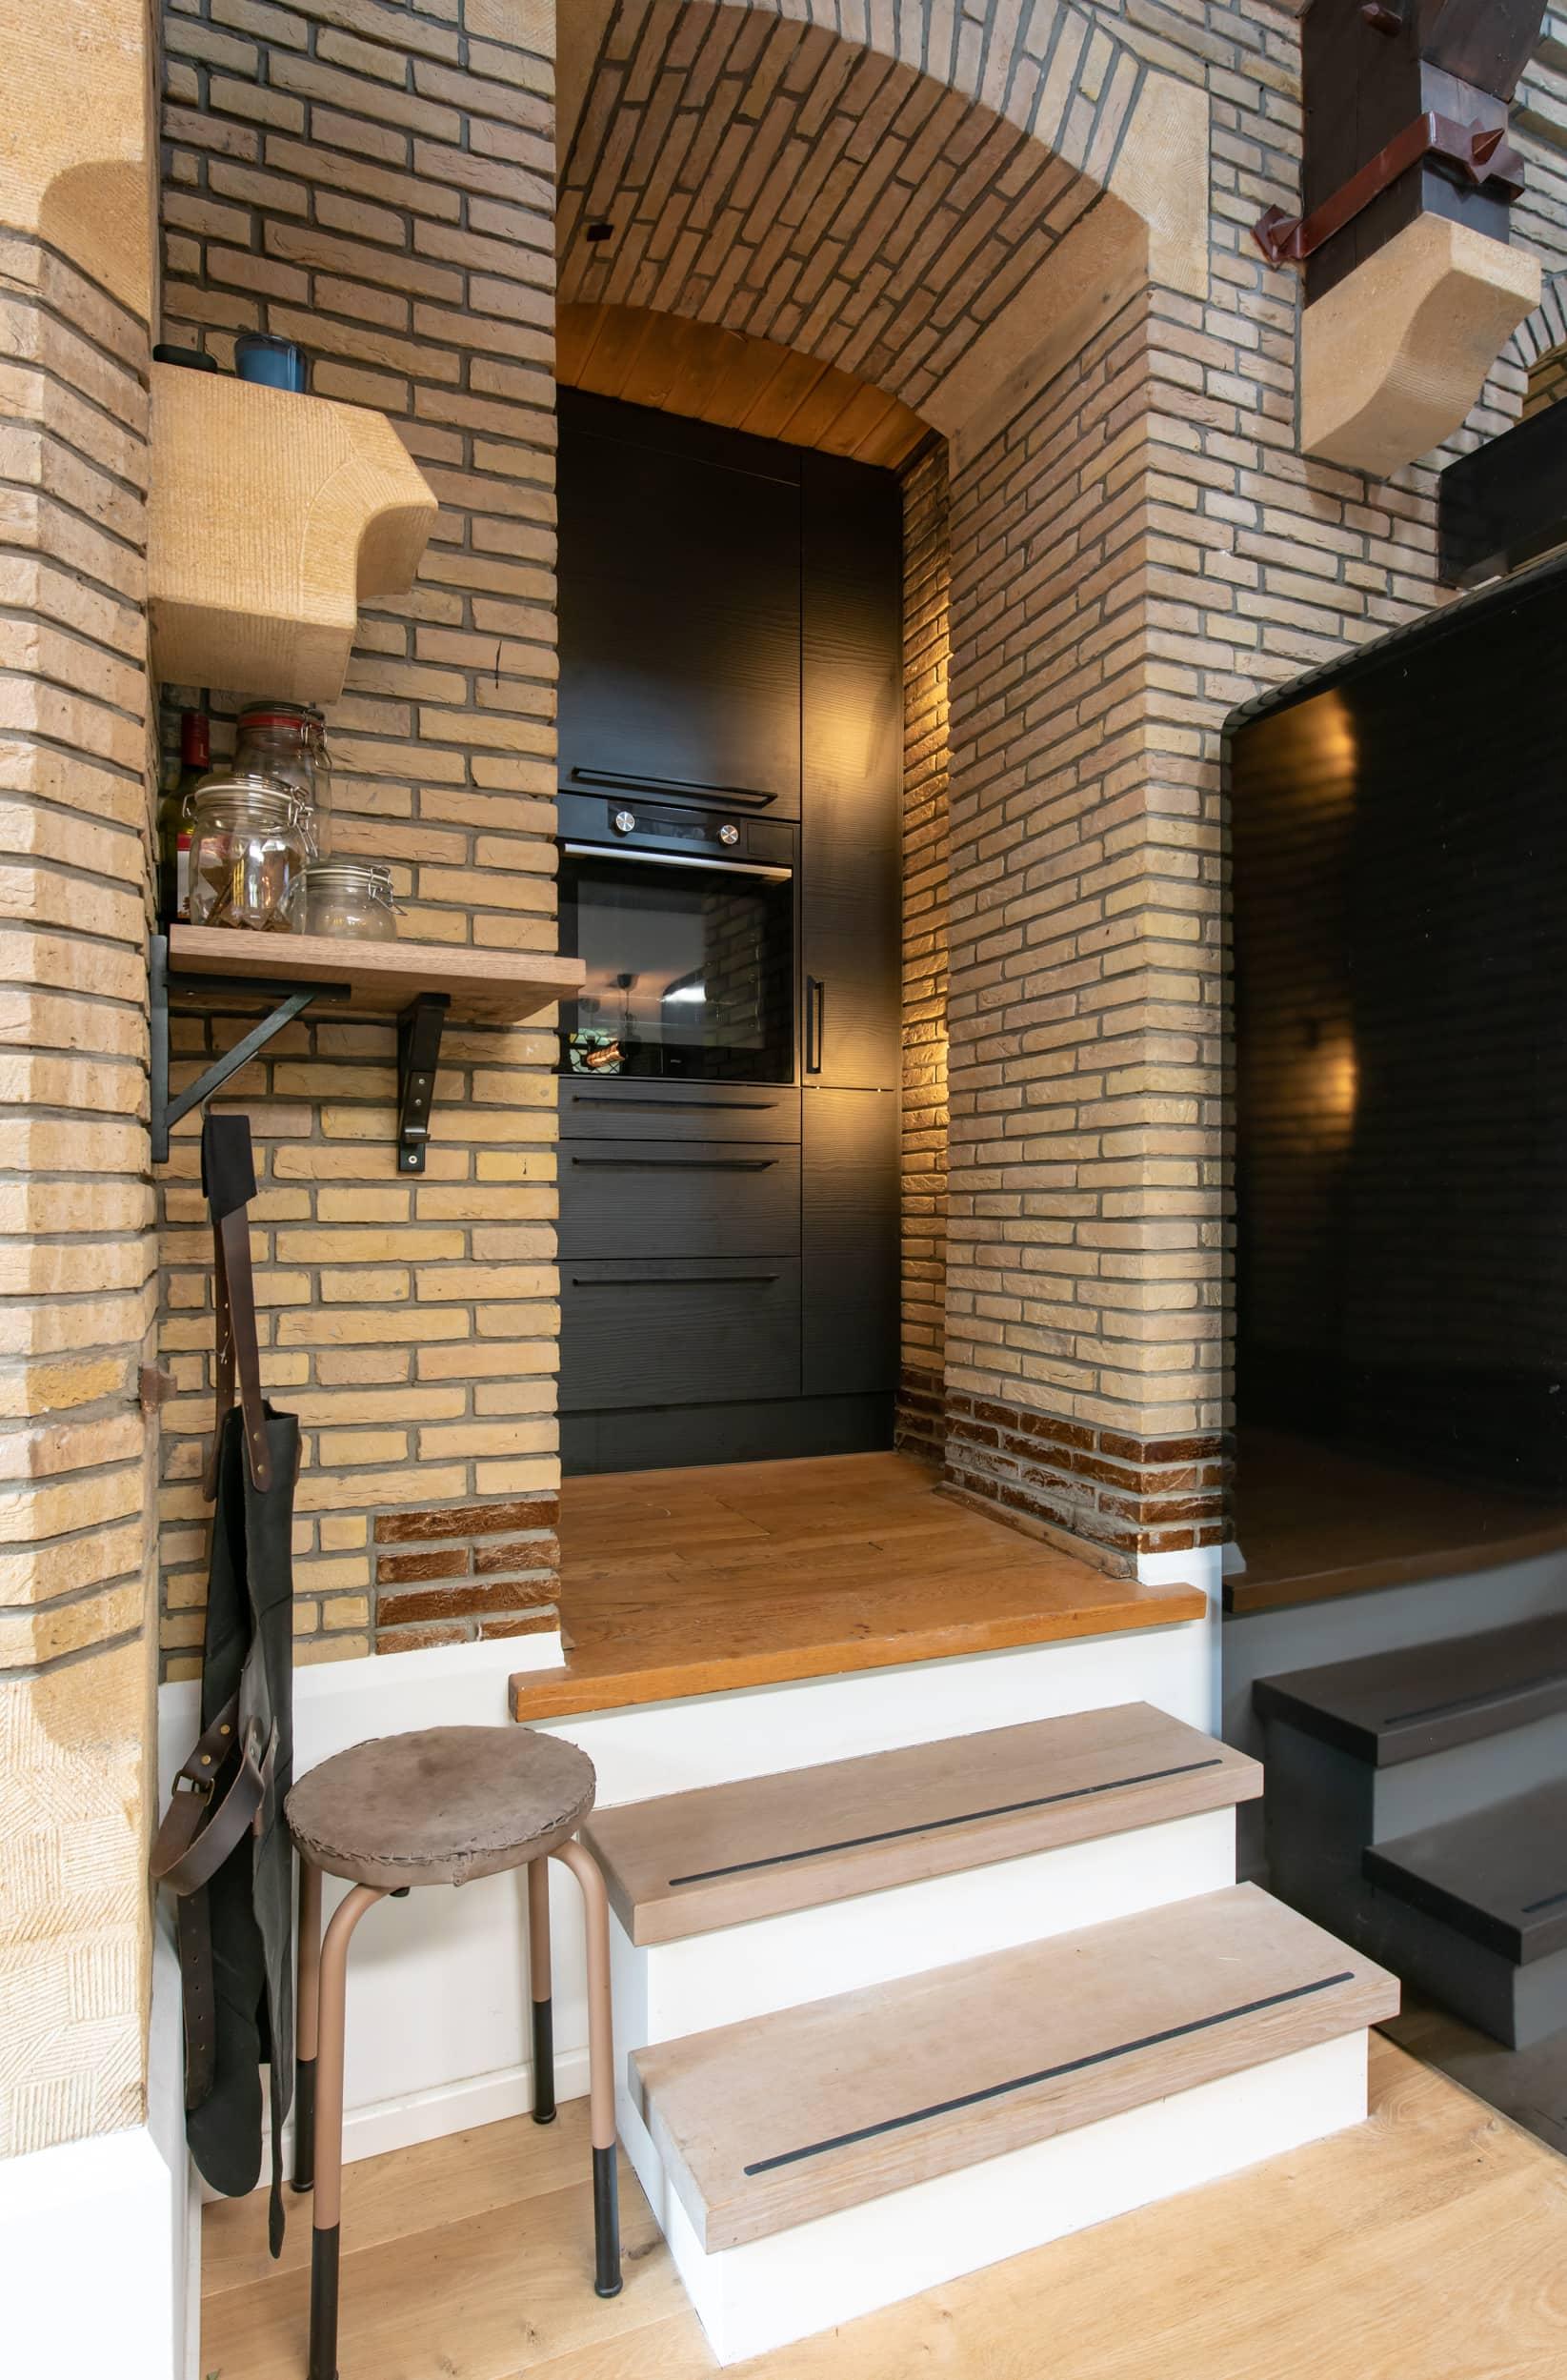 van-os-architecten-verbouwing-kapel-tot-woonhuis-oranjeboomstraat-breda-oude-nis-gebruikt-als-kastenwand-keuken